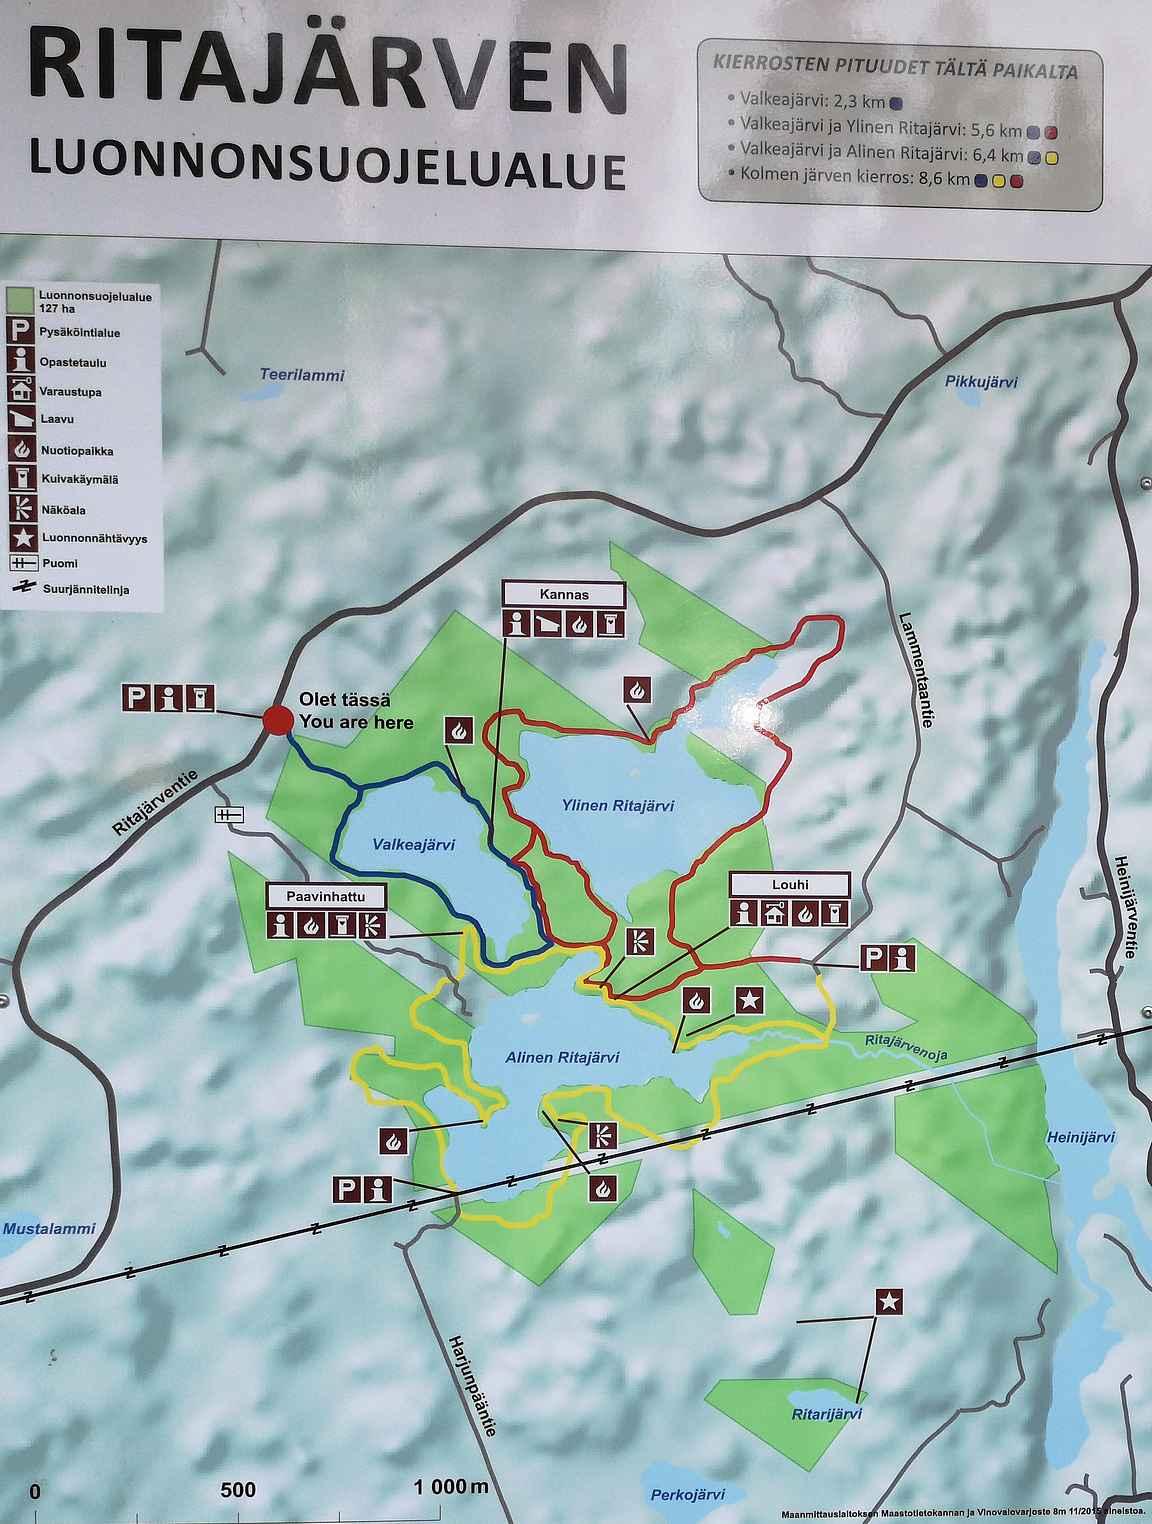 Ritajärven luonnonsuojelualueen reittikartta.